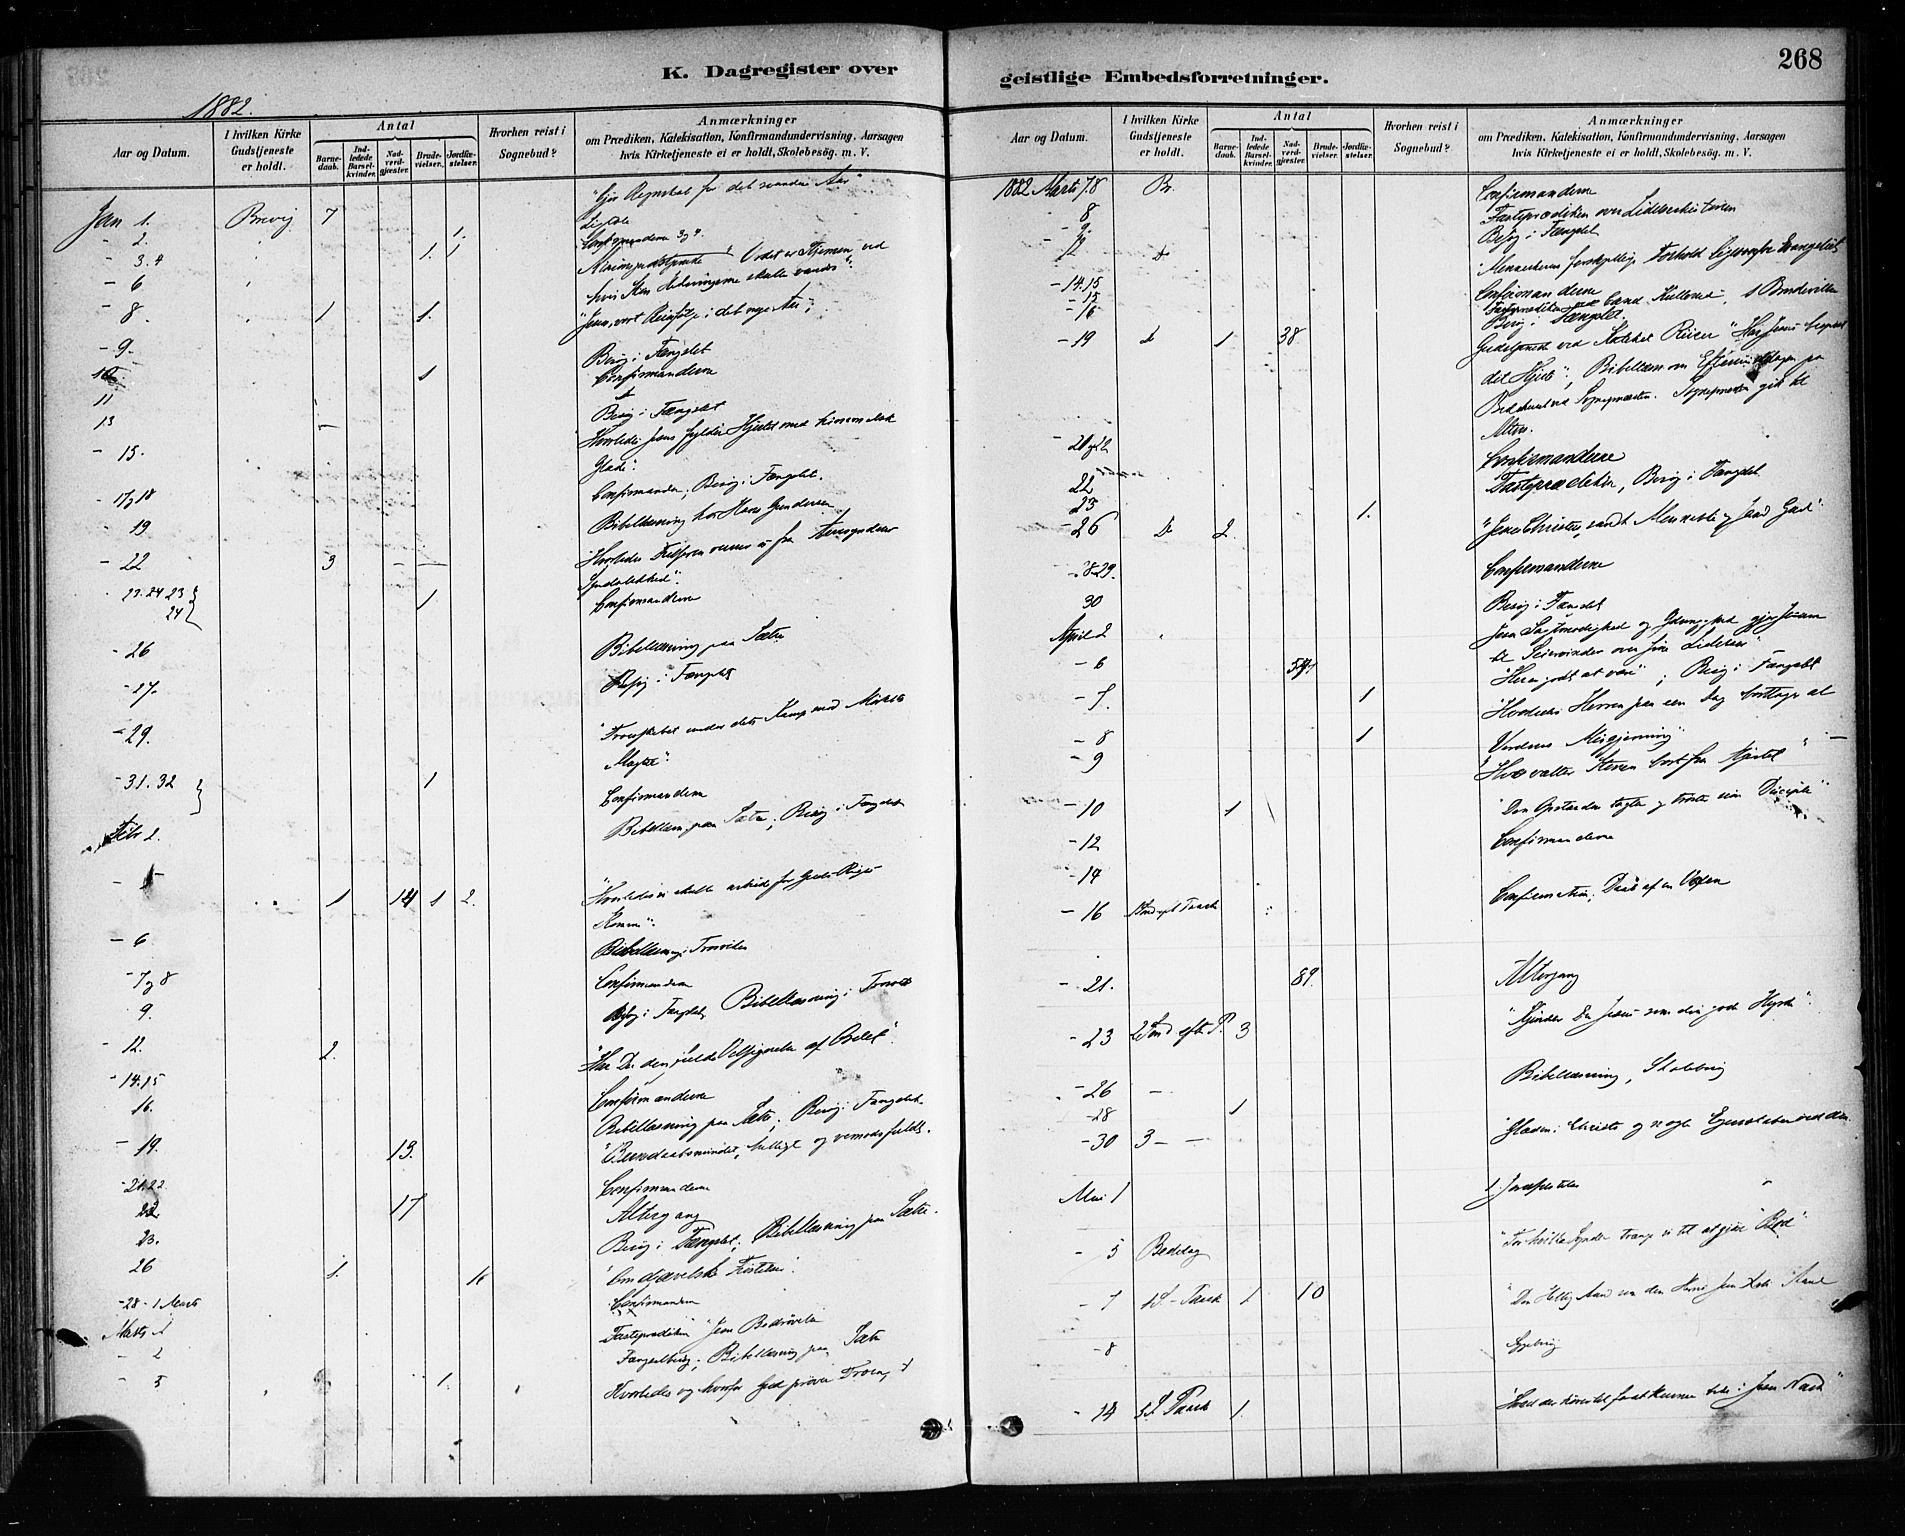 SAKO, Brevik kirkebøker, F/Fa/L0007: Ministerialbok nr. 7, 1882-1900, s. 268